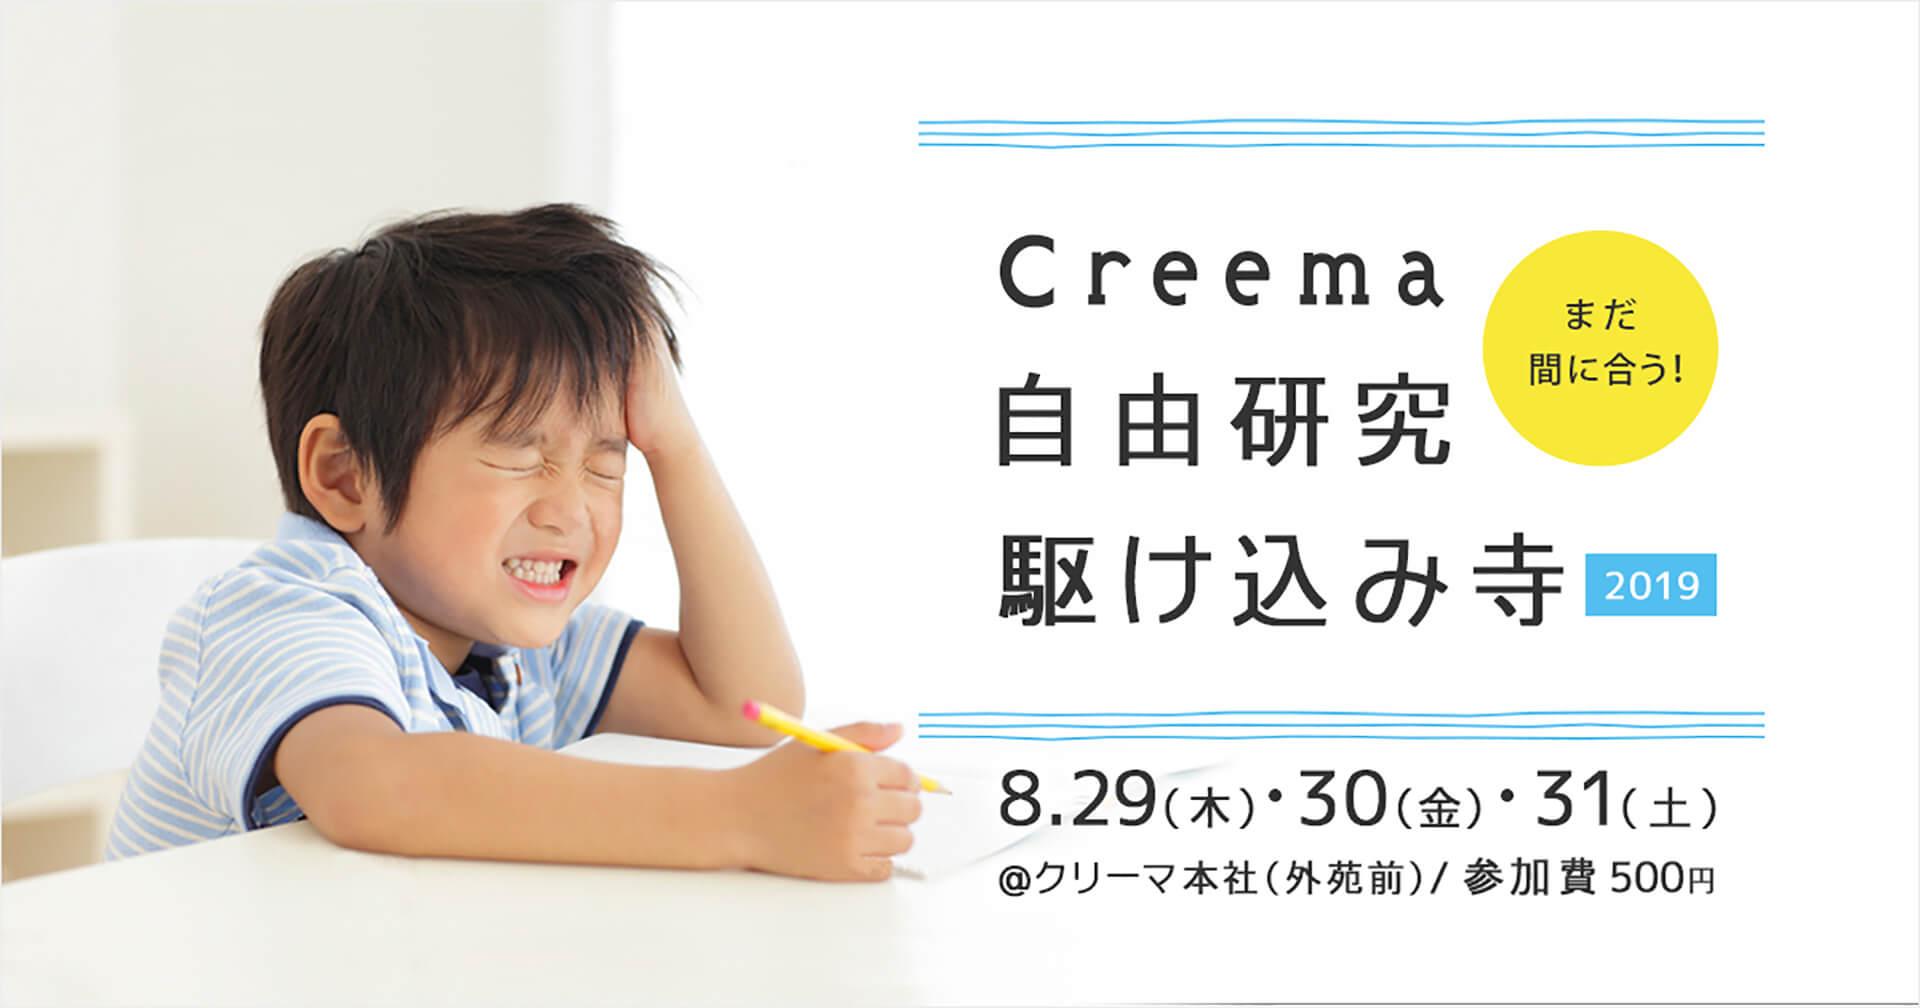 Creema自由研究 駆け込み寺2019メインビジュアル